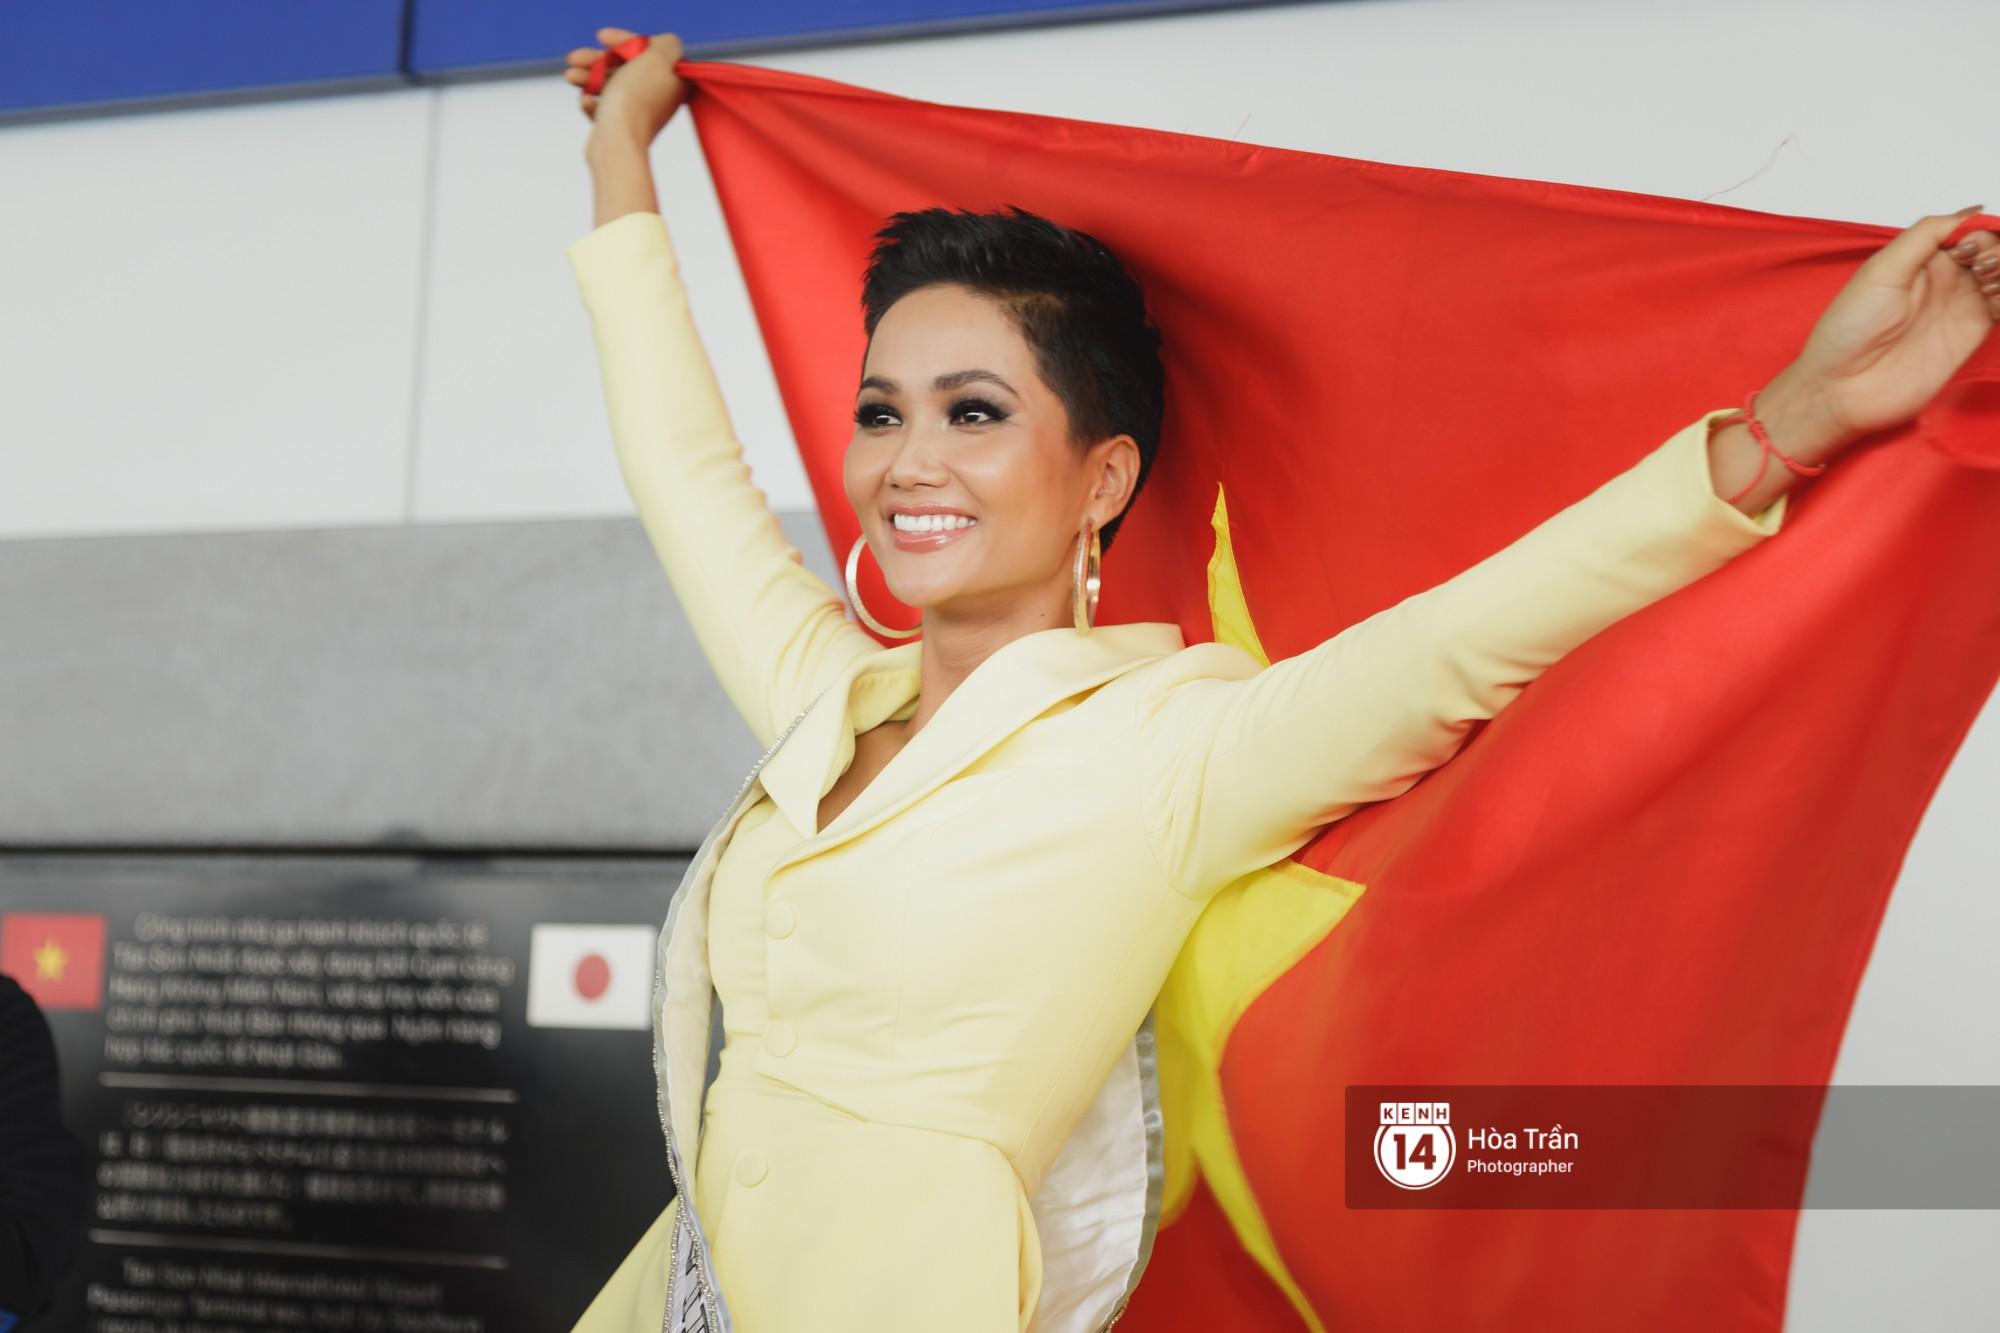 Gia đình HHen Niê diện trang phục người Ê-Đê, tiễn chân con gái bản làng đến Thái tham dự Miss Universe - Ảnh 4.